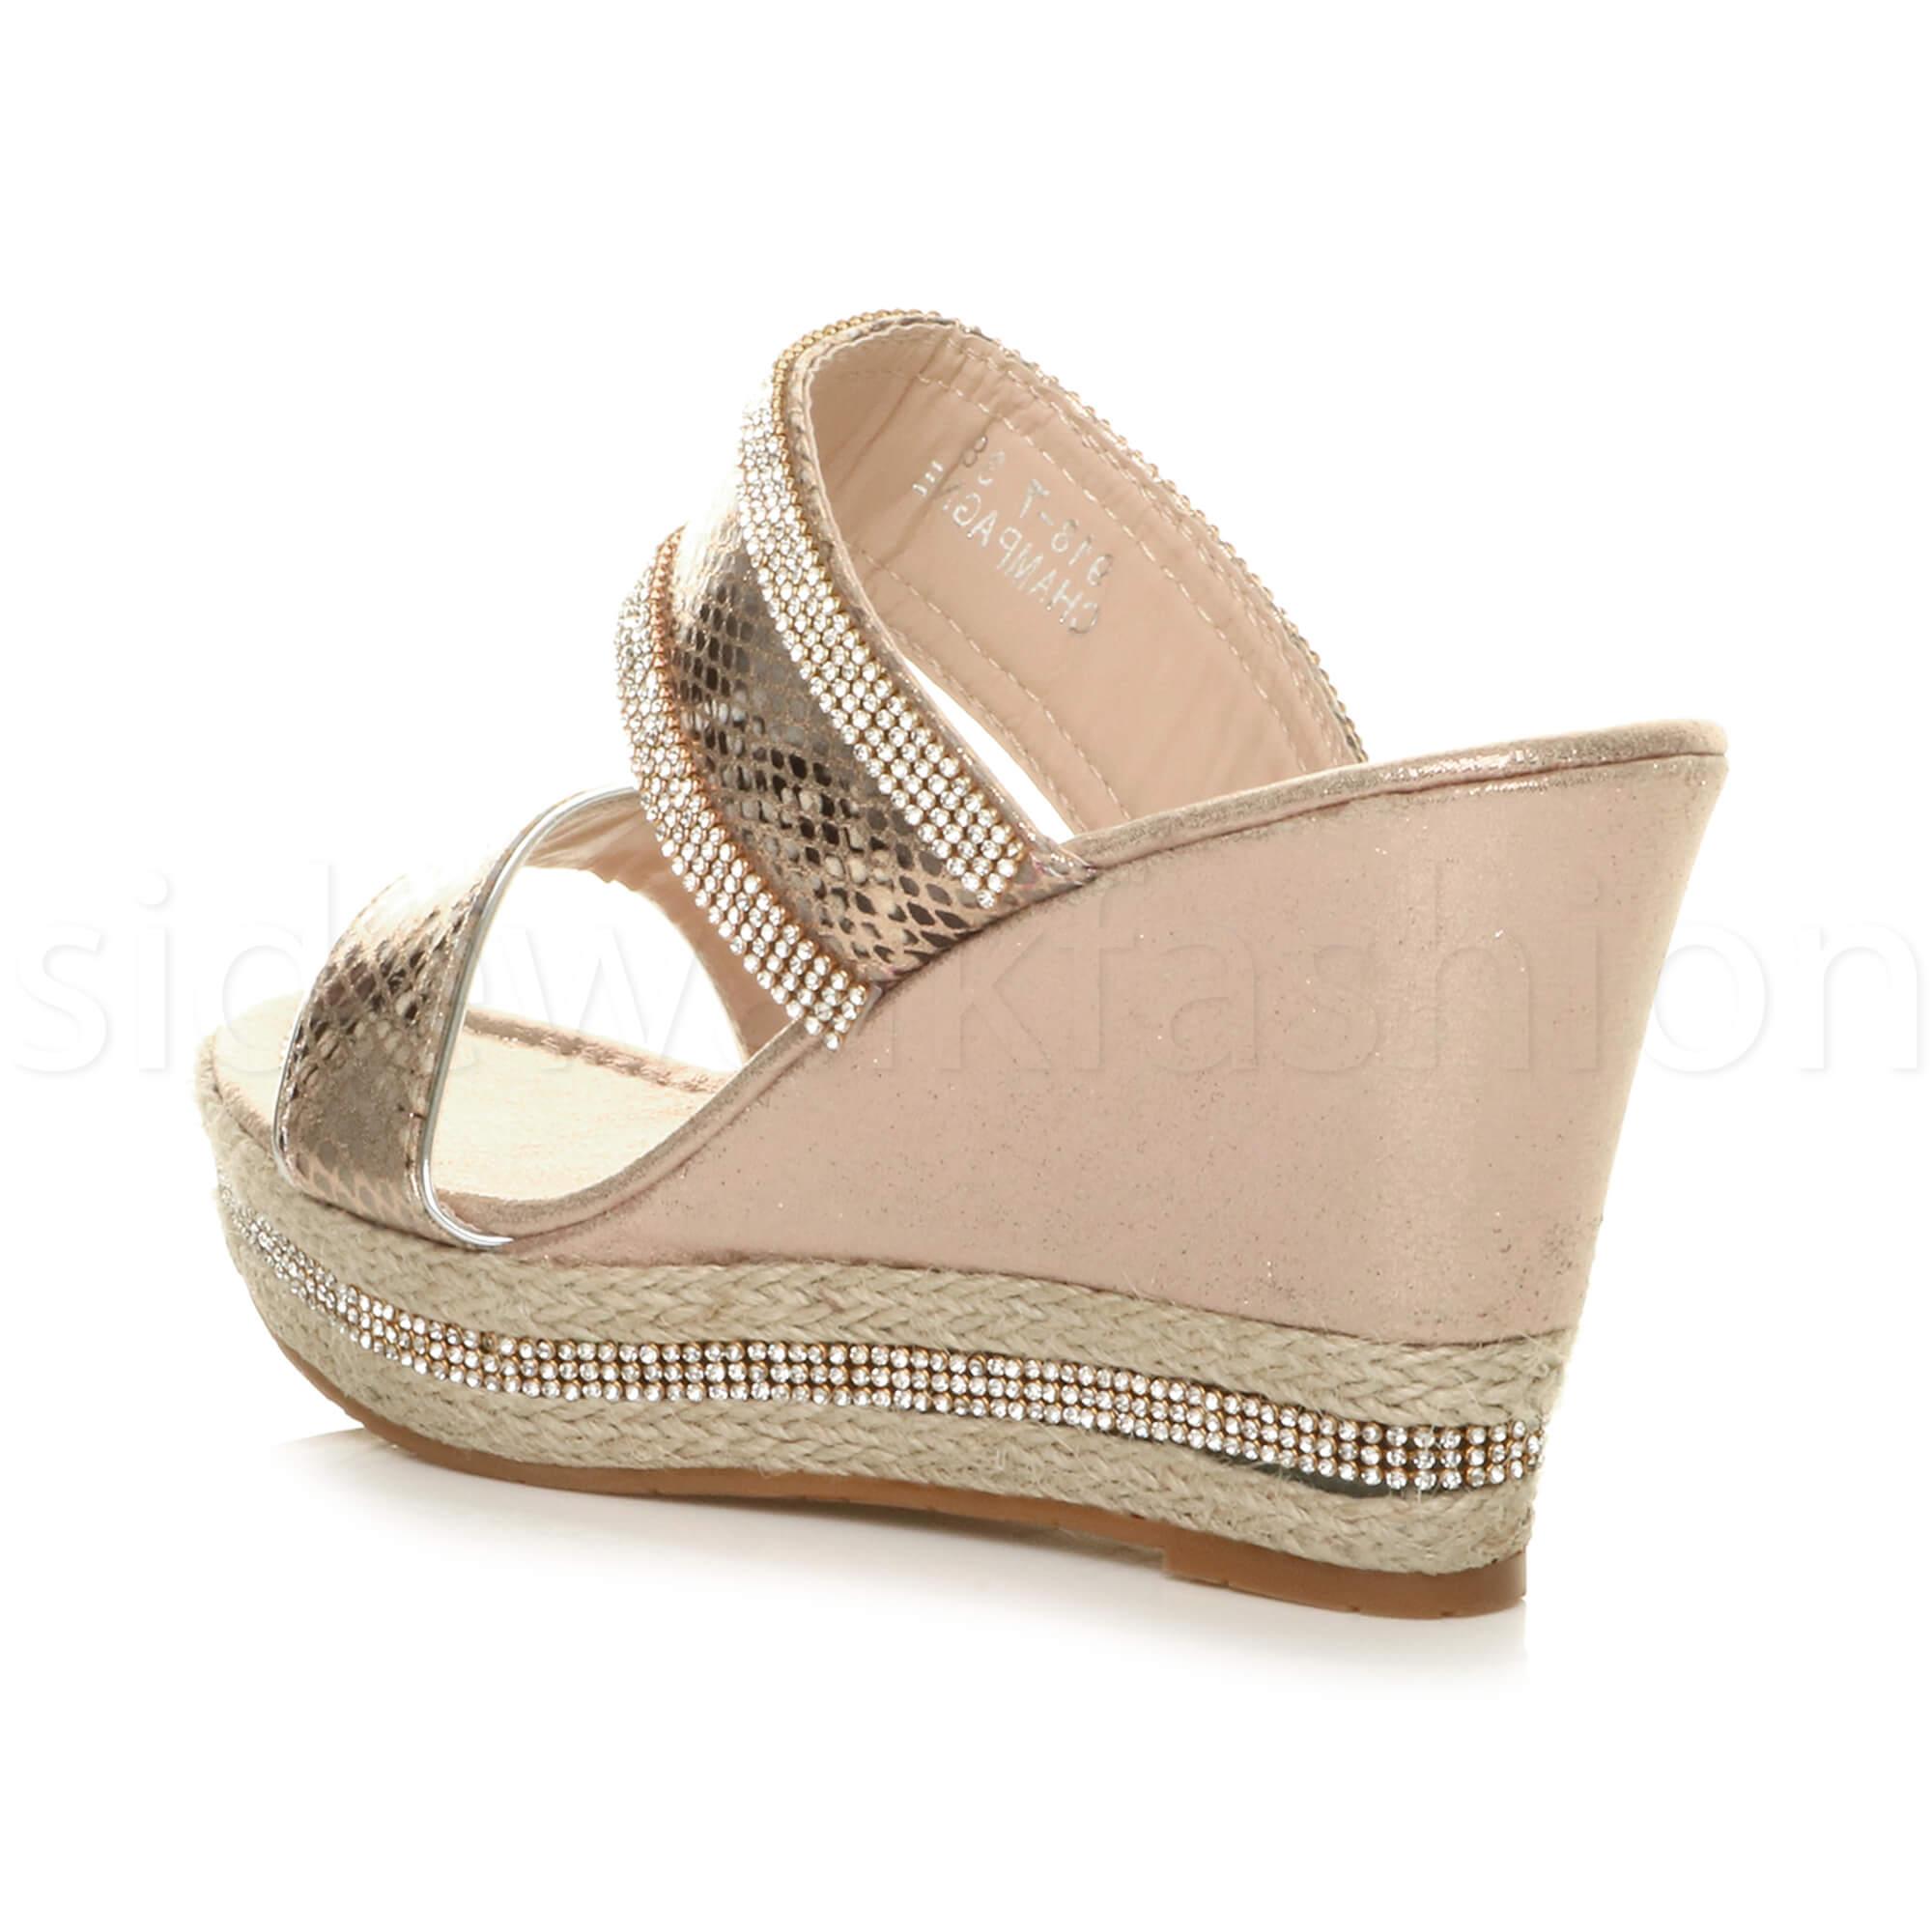 Womens ladies high heel wedge platform diamante summer slip on strappy sandals